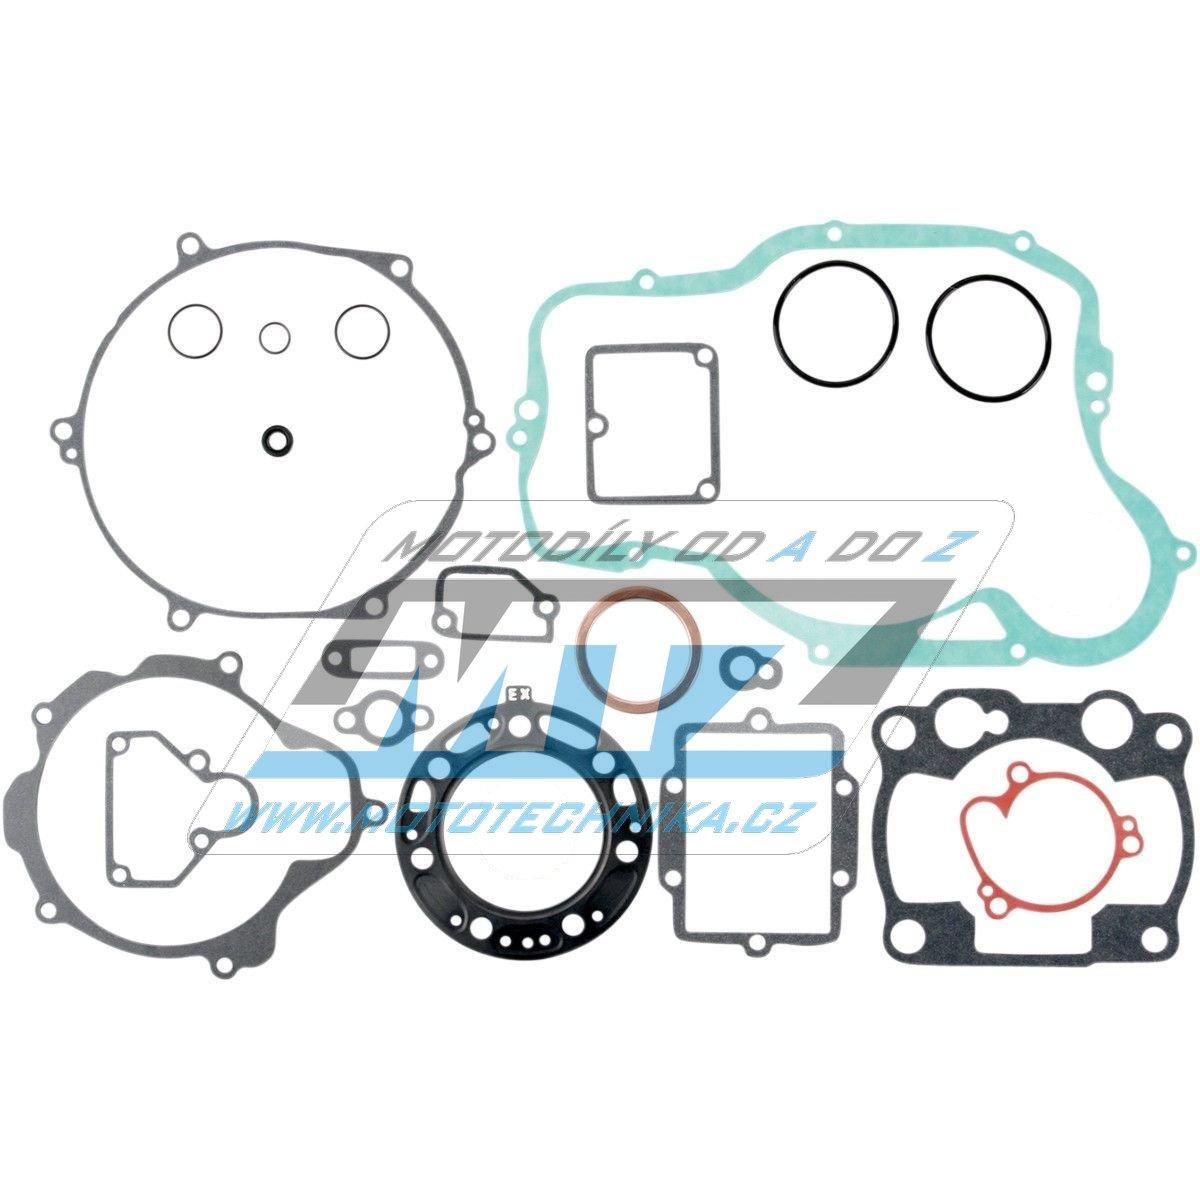 Těsnění kompletní motor Kawasaki KX250 / 93-03